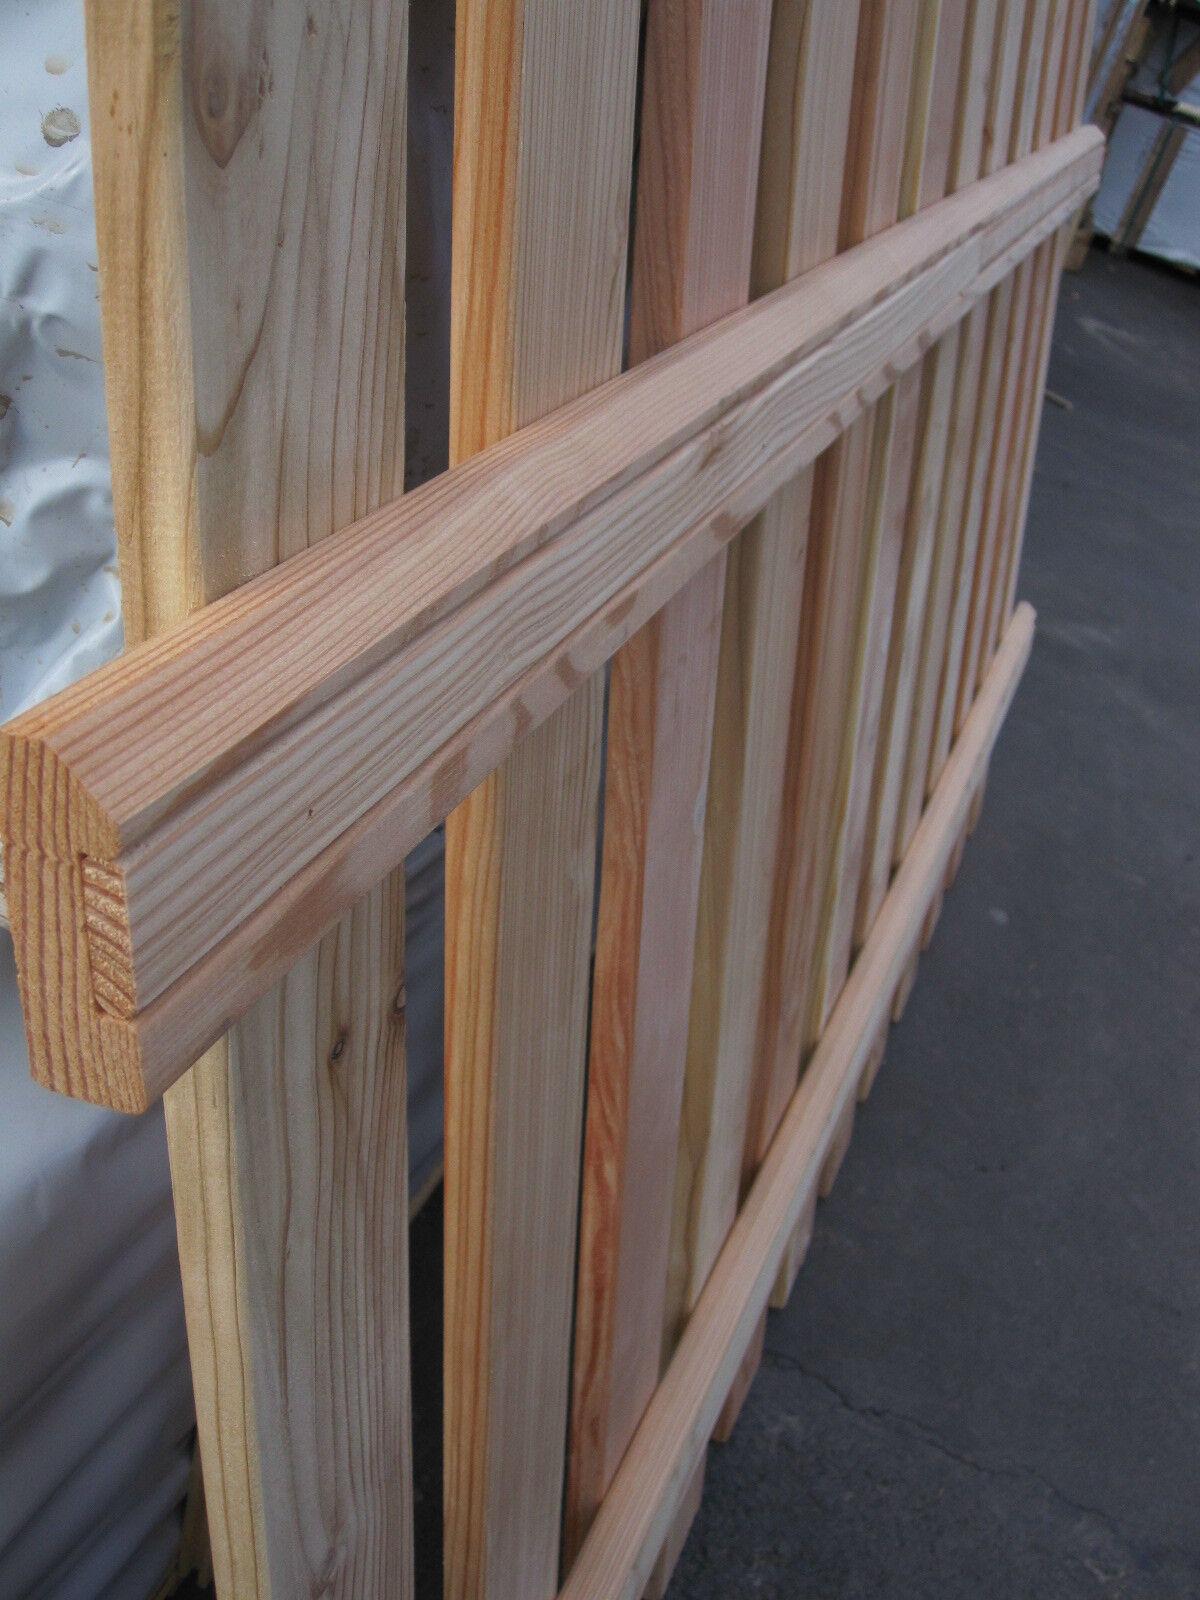 10 st ck 180x80 cm l rche holzzaun zaun gartenzaun friesenzaun vorgartenzaun. Black Bedroom Furniture Sets. Home Design Ideas